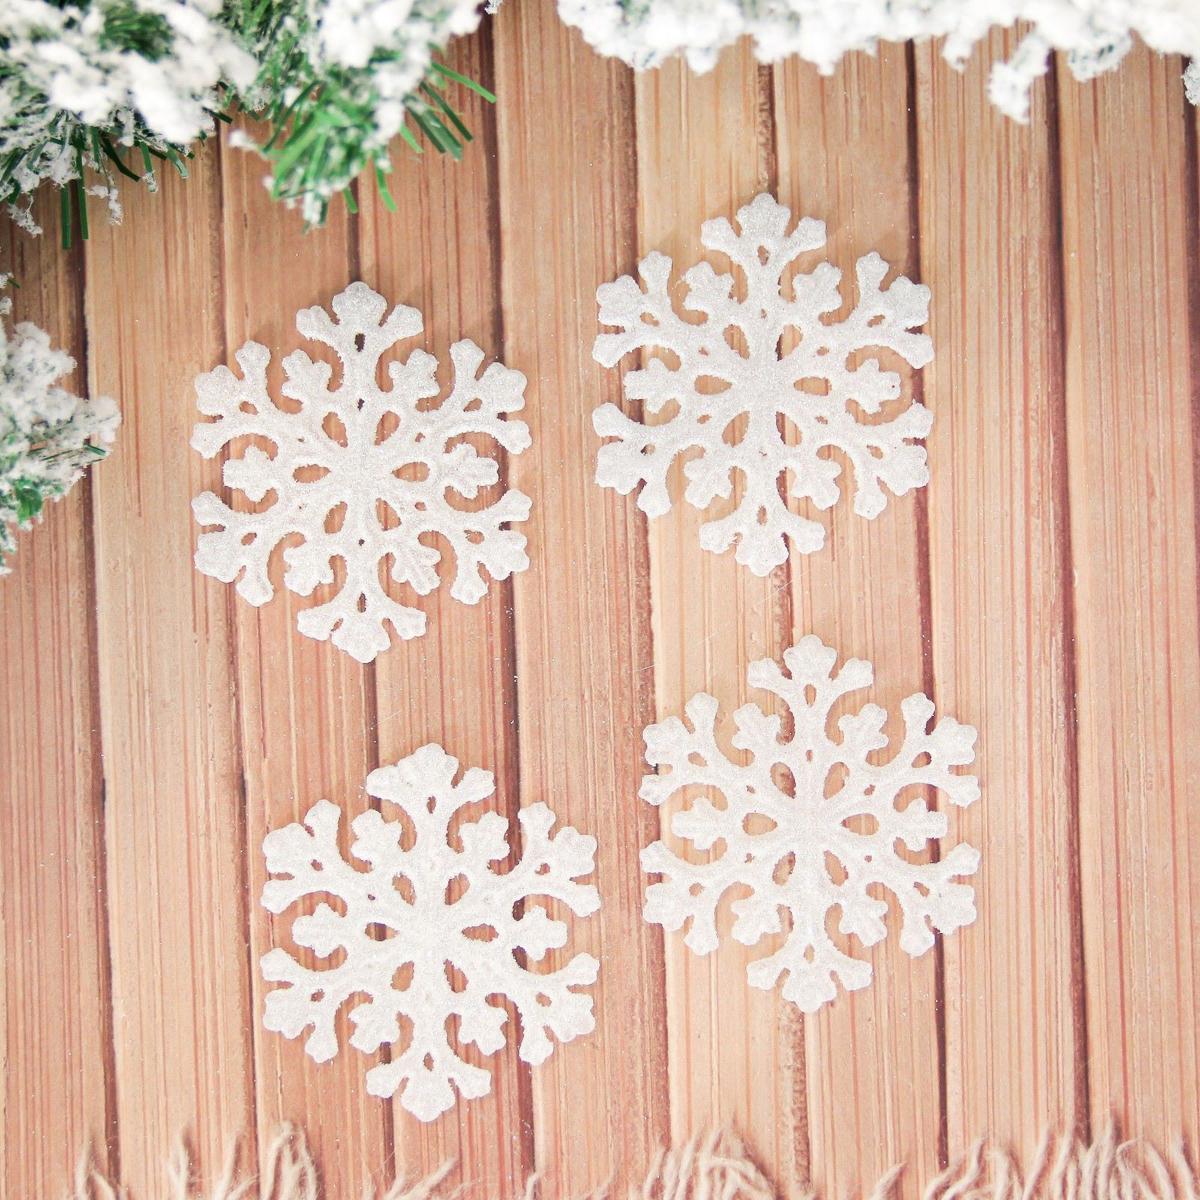 Набор новогодних подвесных украшений Снежинка, диаметр 8,5 см, 10 шт2155353Набор новогодних подвесных украшений отлично подойдет для декорации вашего дома и новогодней ели. С помощью специальной петельки украшение можно повесить в любом понравившемся вам месте. Но, конечно, удачнее всего оно будет смотреться на праздничной елке.Елочная игрушка - символ Нового года. Она несет в себе волшебство и красоту праздника. Такое украшение создаст в вашем доме атмосферу праздника, веселья и радости.